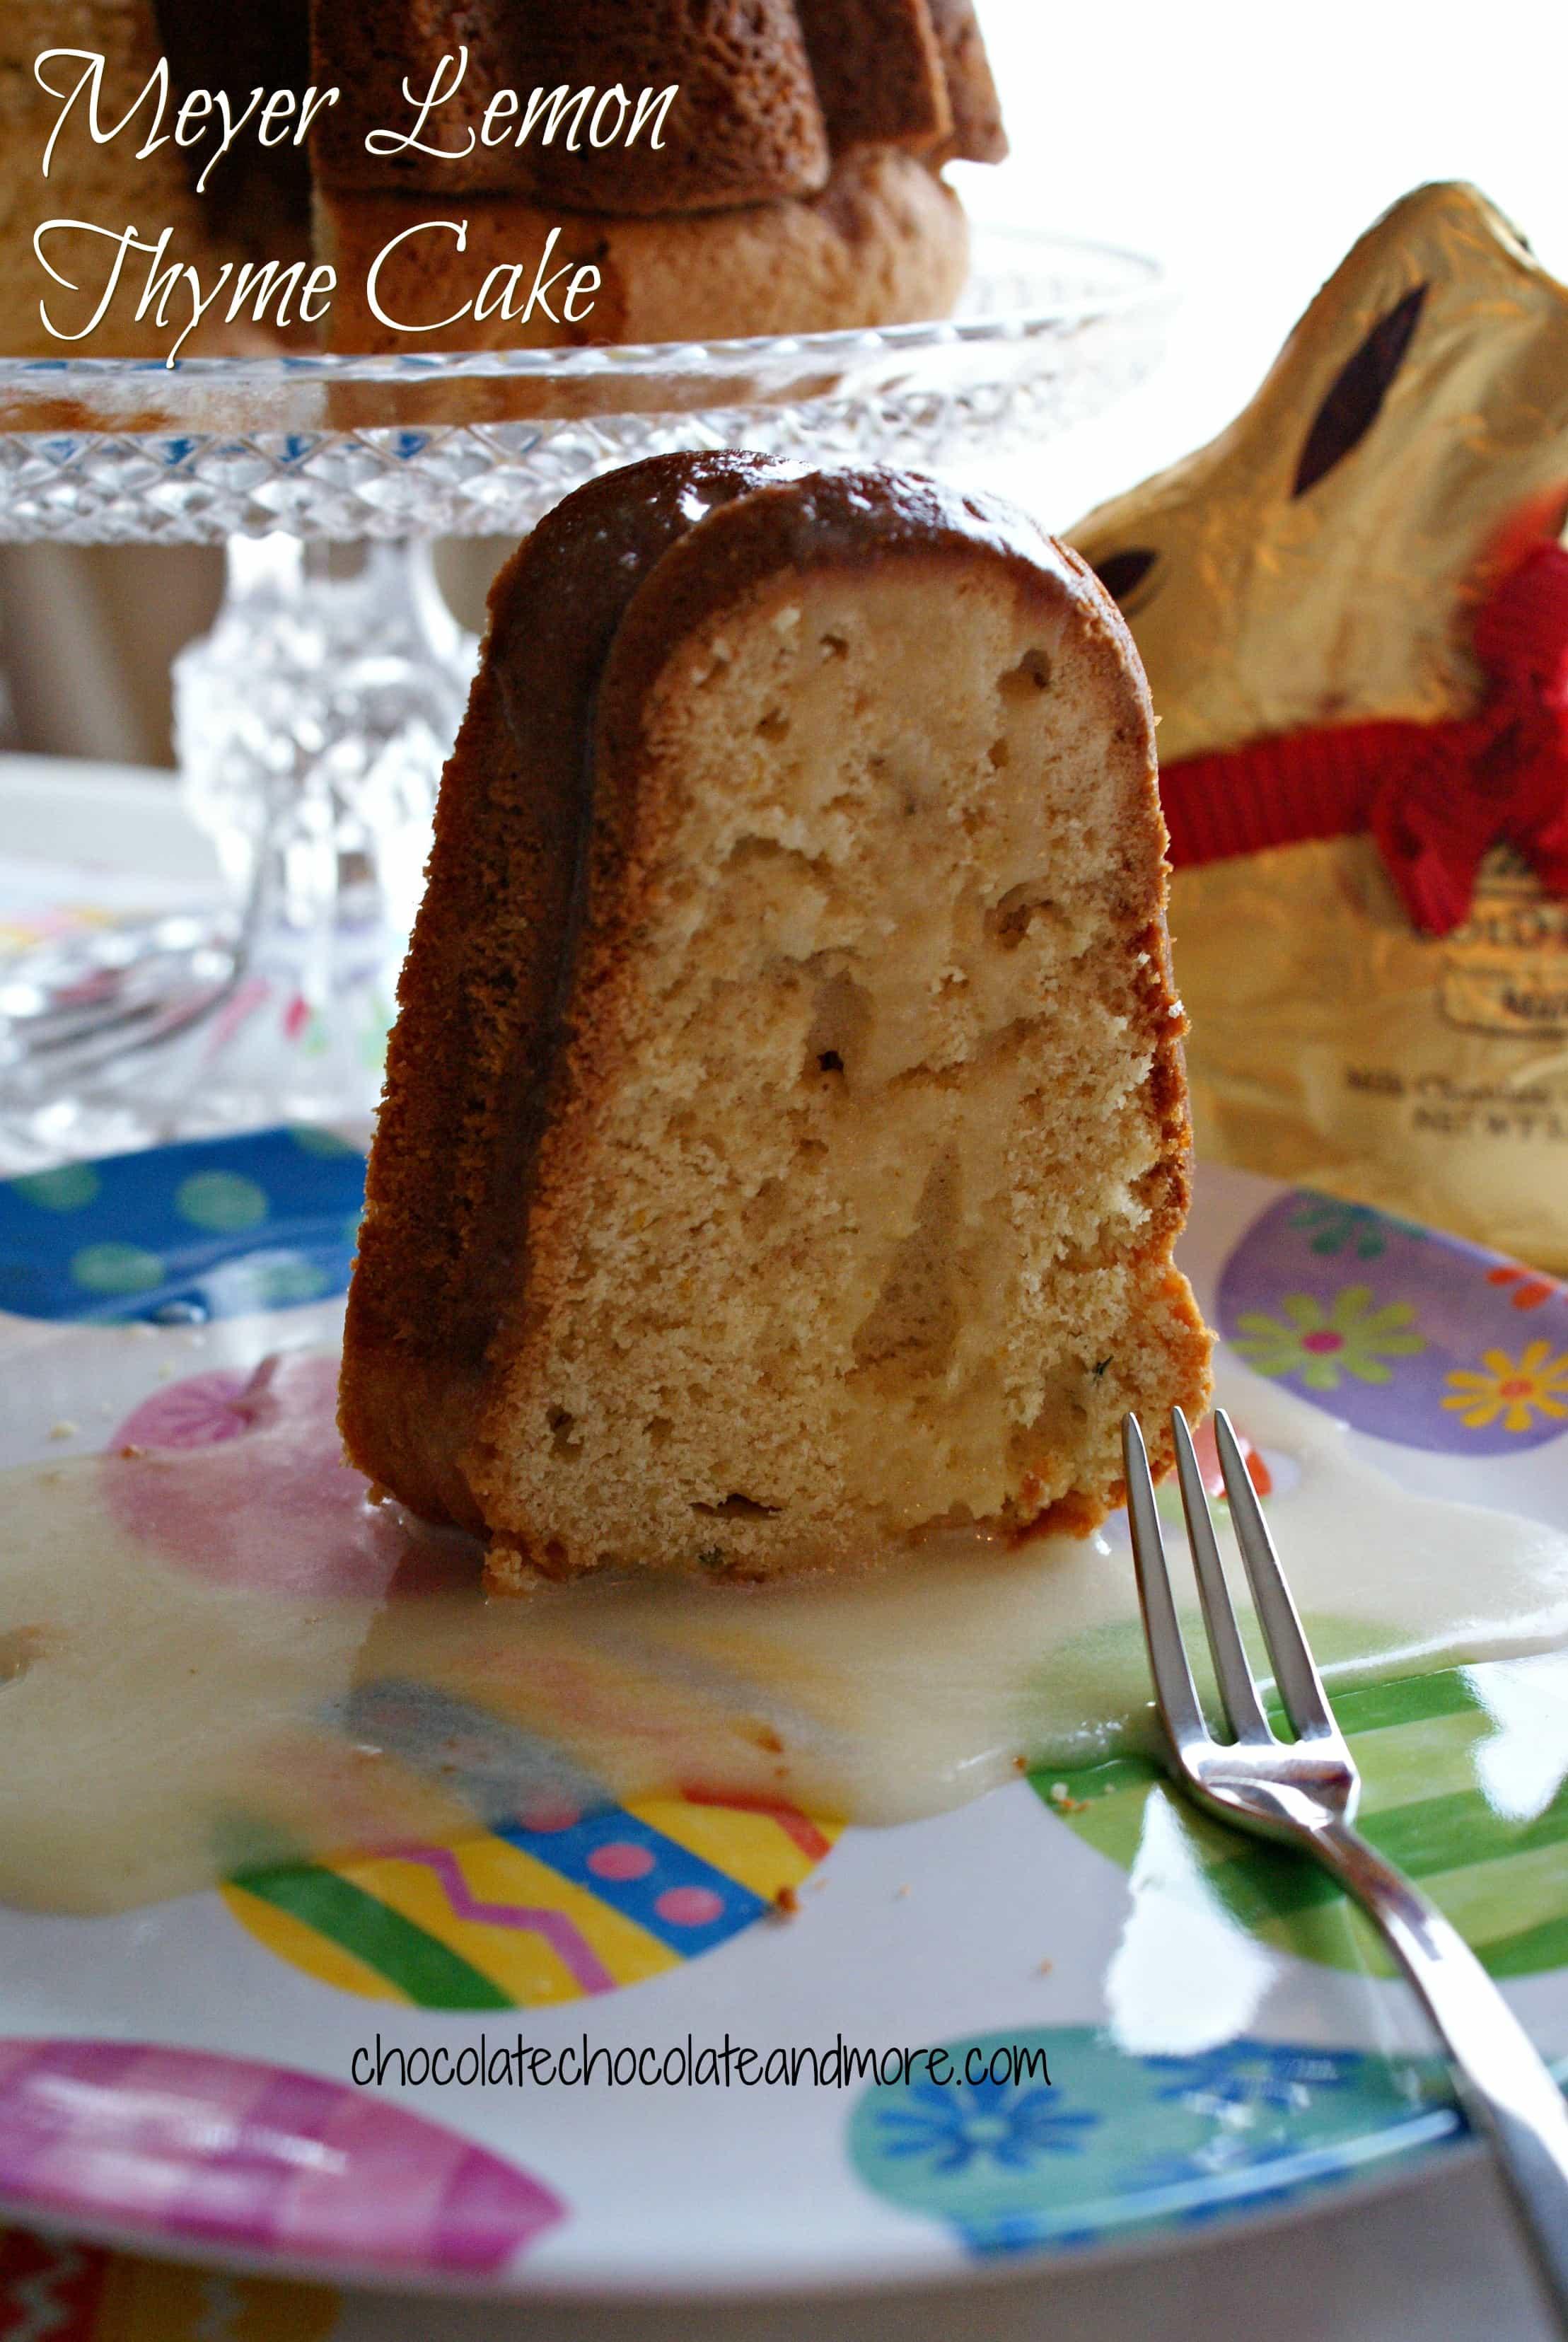 Meyer Lemon Thyme Cake